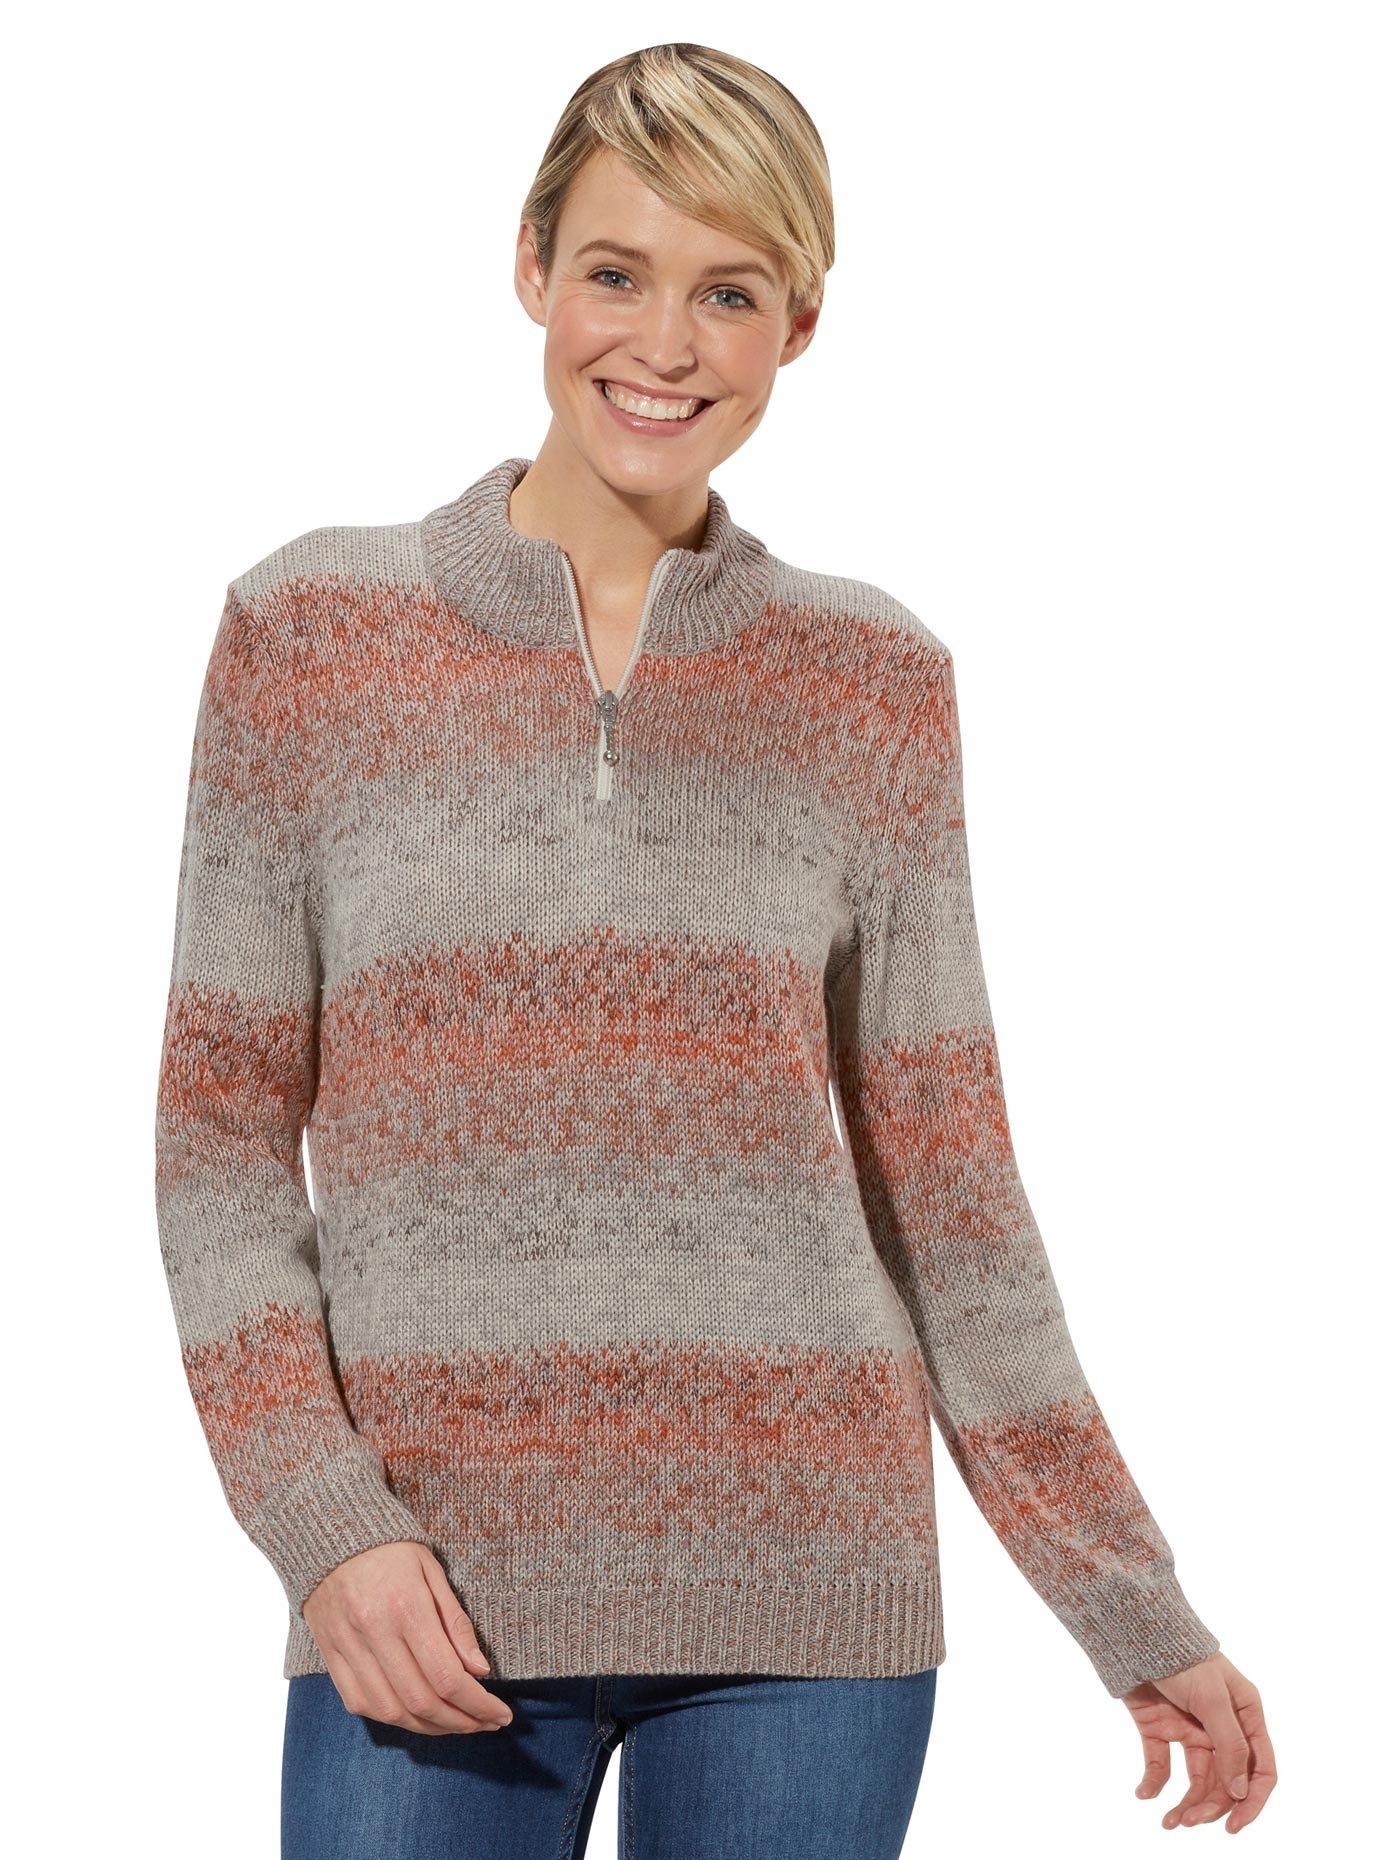 Op zoek naar een Classic Basics trui met staande kraag Trui? Koop online bij OTTO